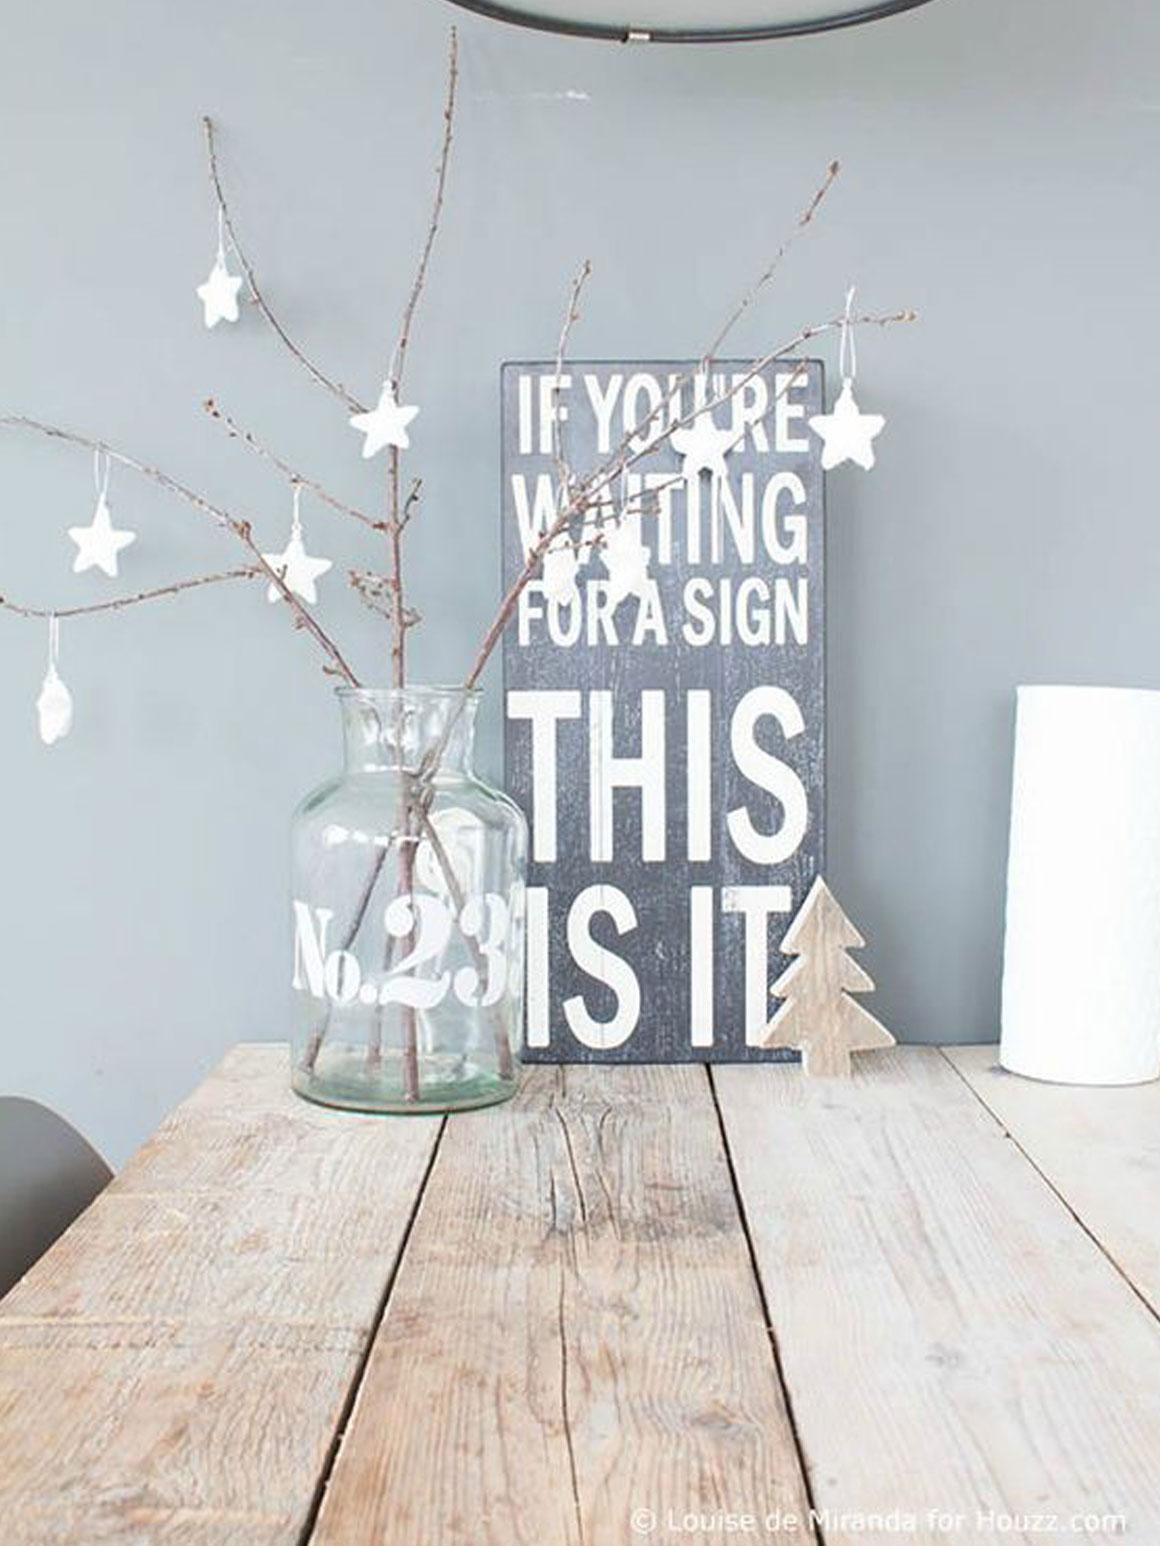 Interieur Ideeen Voor Kerst.Decoratie Ideeen Voor Kerst 2016 My Simply Special